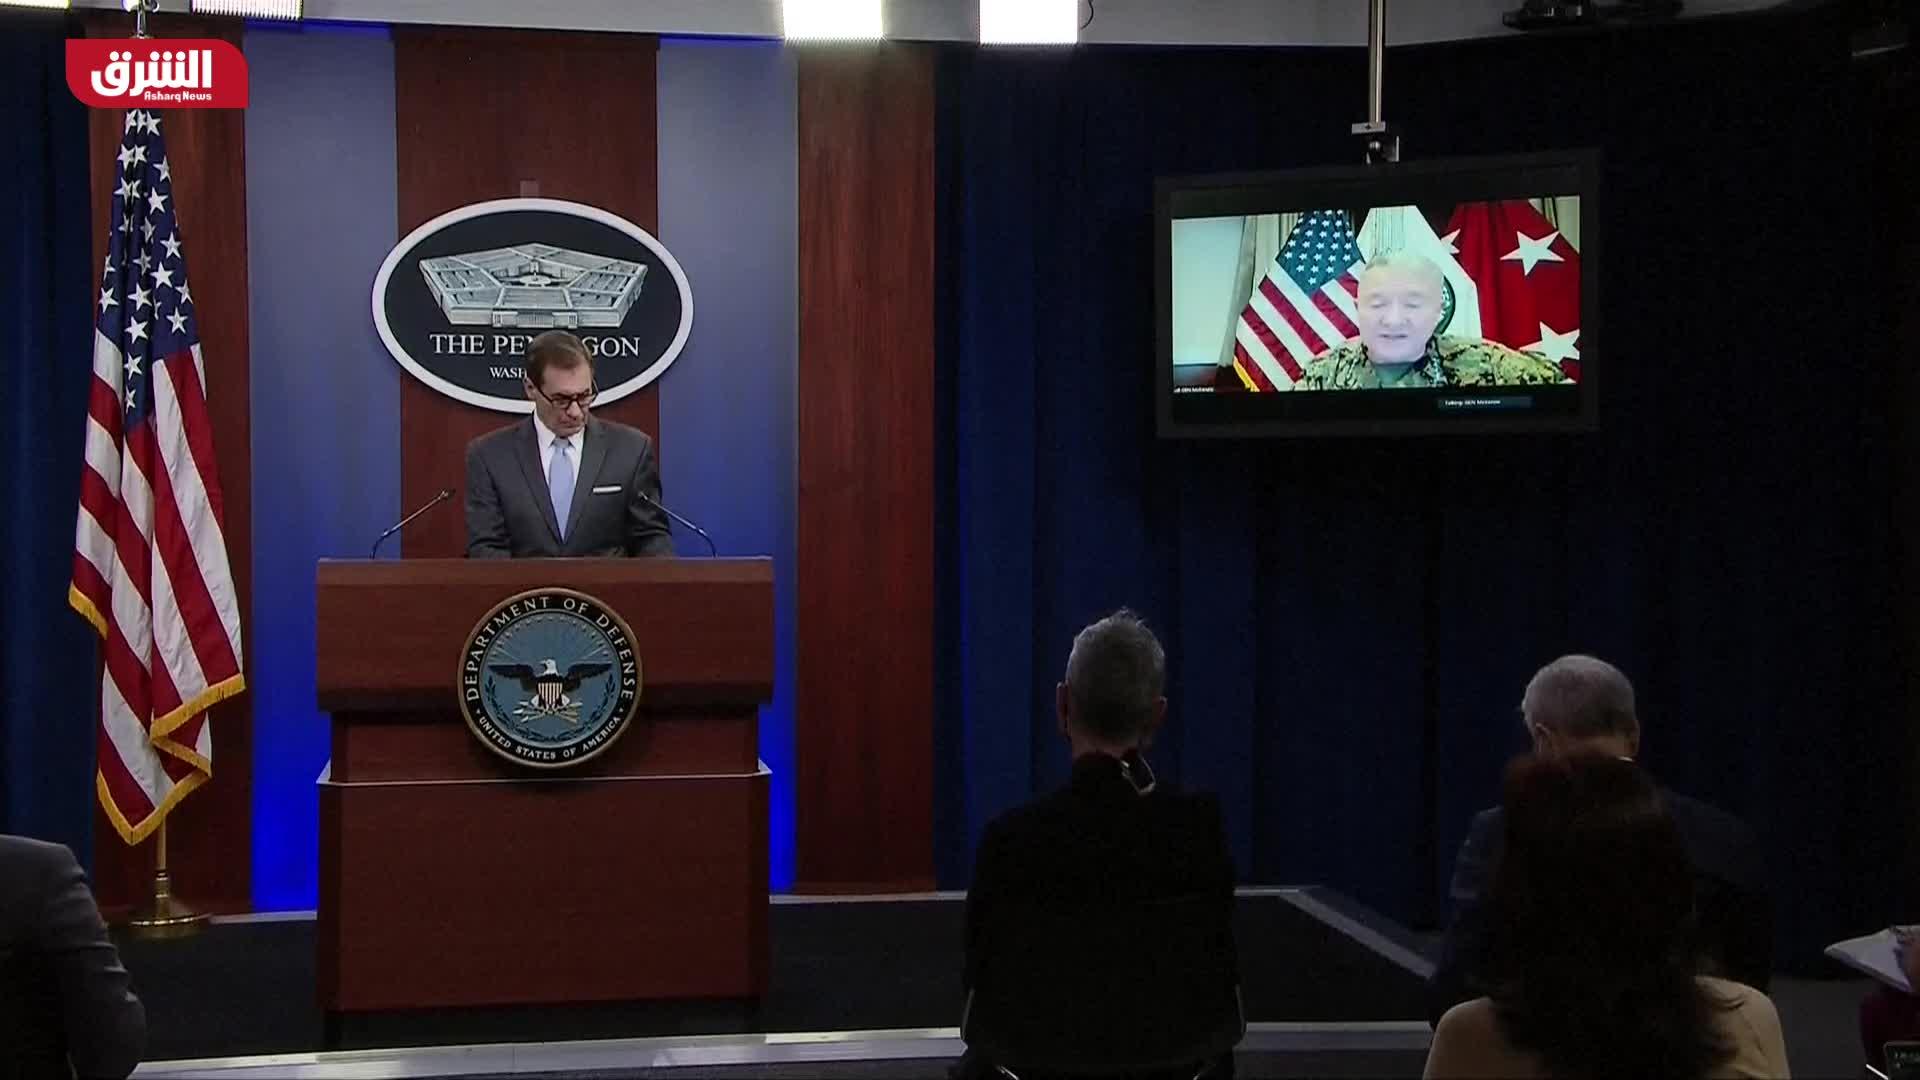 مؤتمر صحفي لوزارة الدفاع الأميركية بشأن أفغانستان